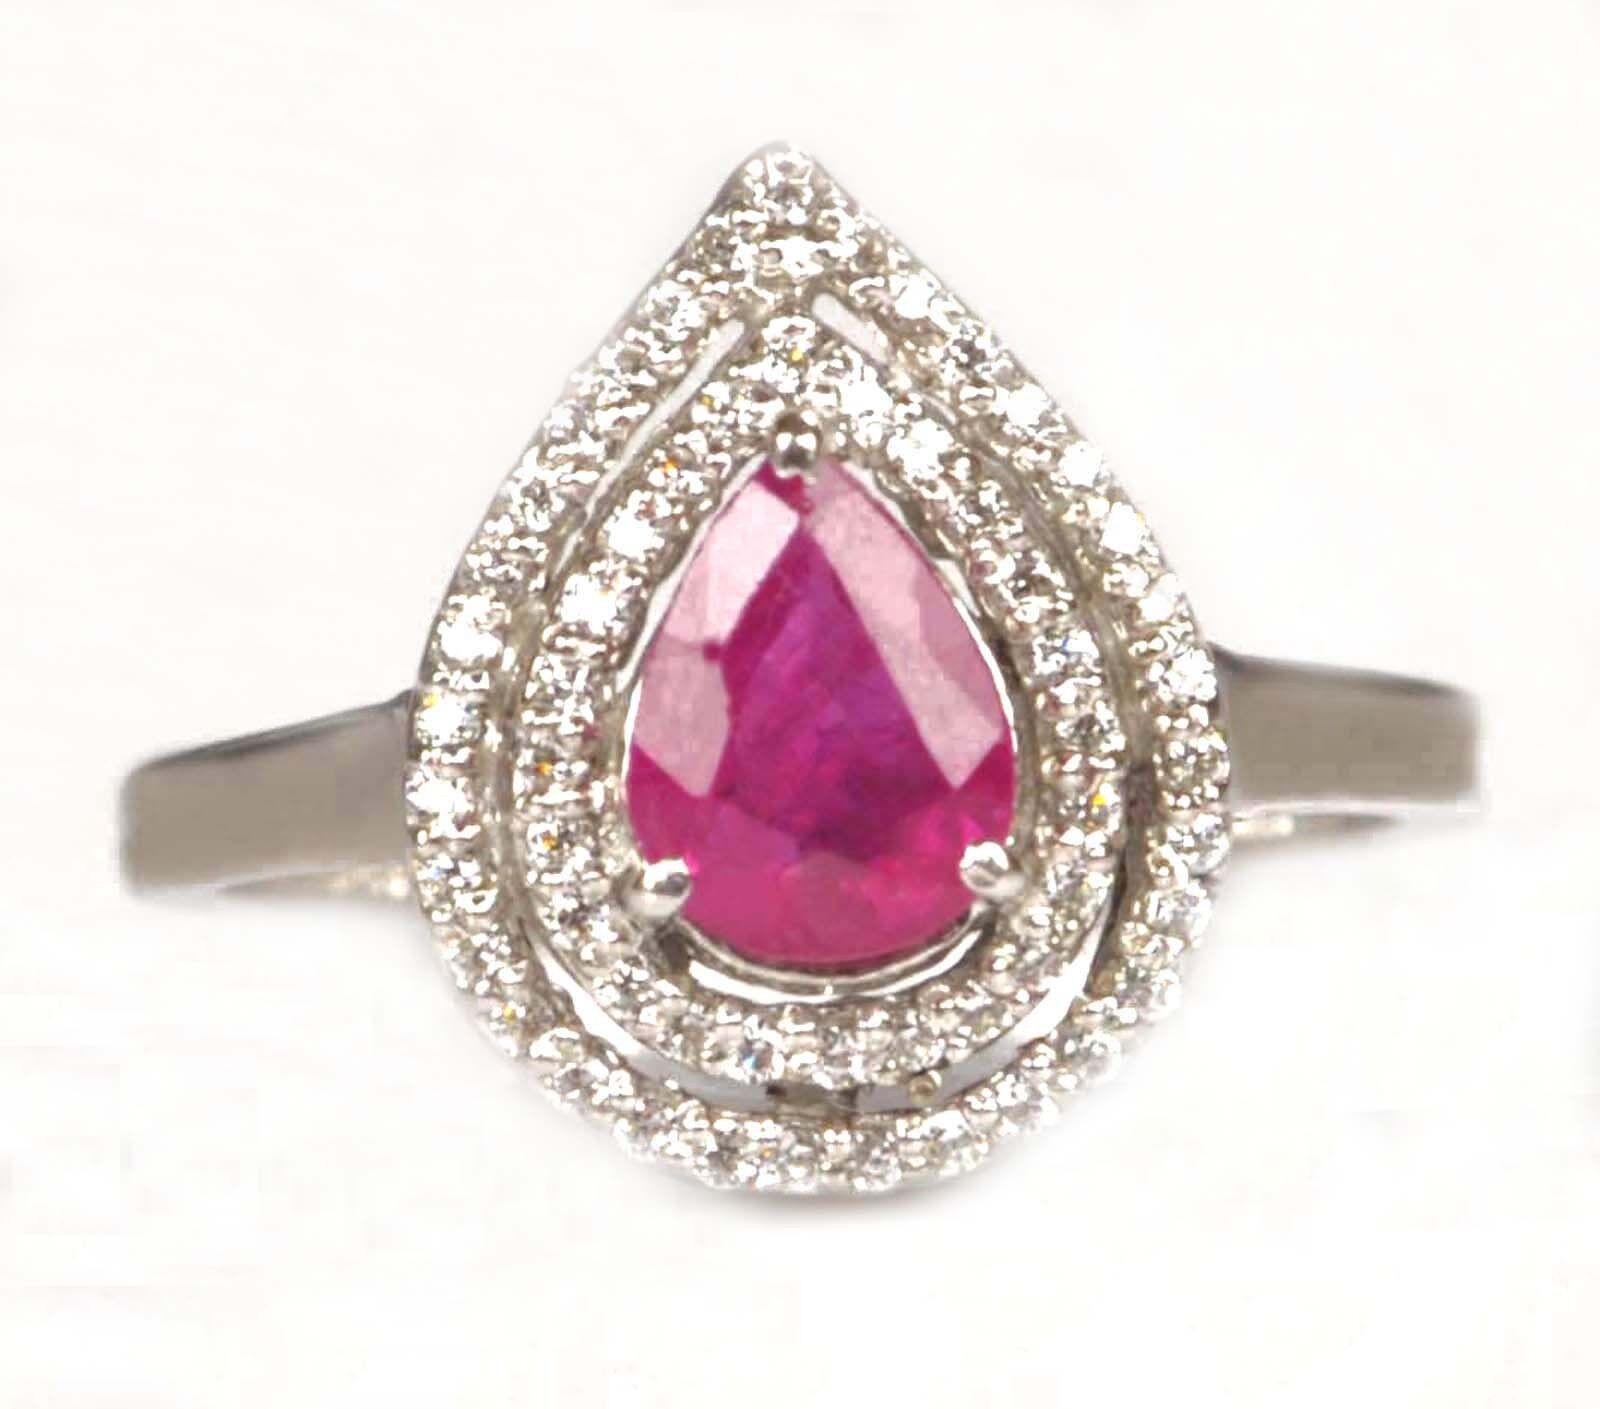 1.65 Carat 14KT White gold Natural Pink Tourmaline EGL Certified Diamond Ring